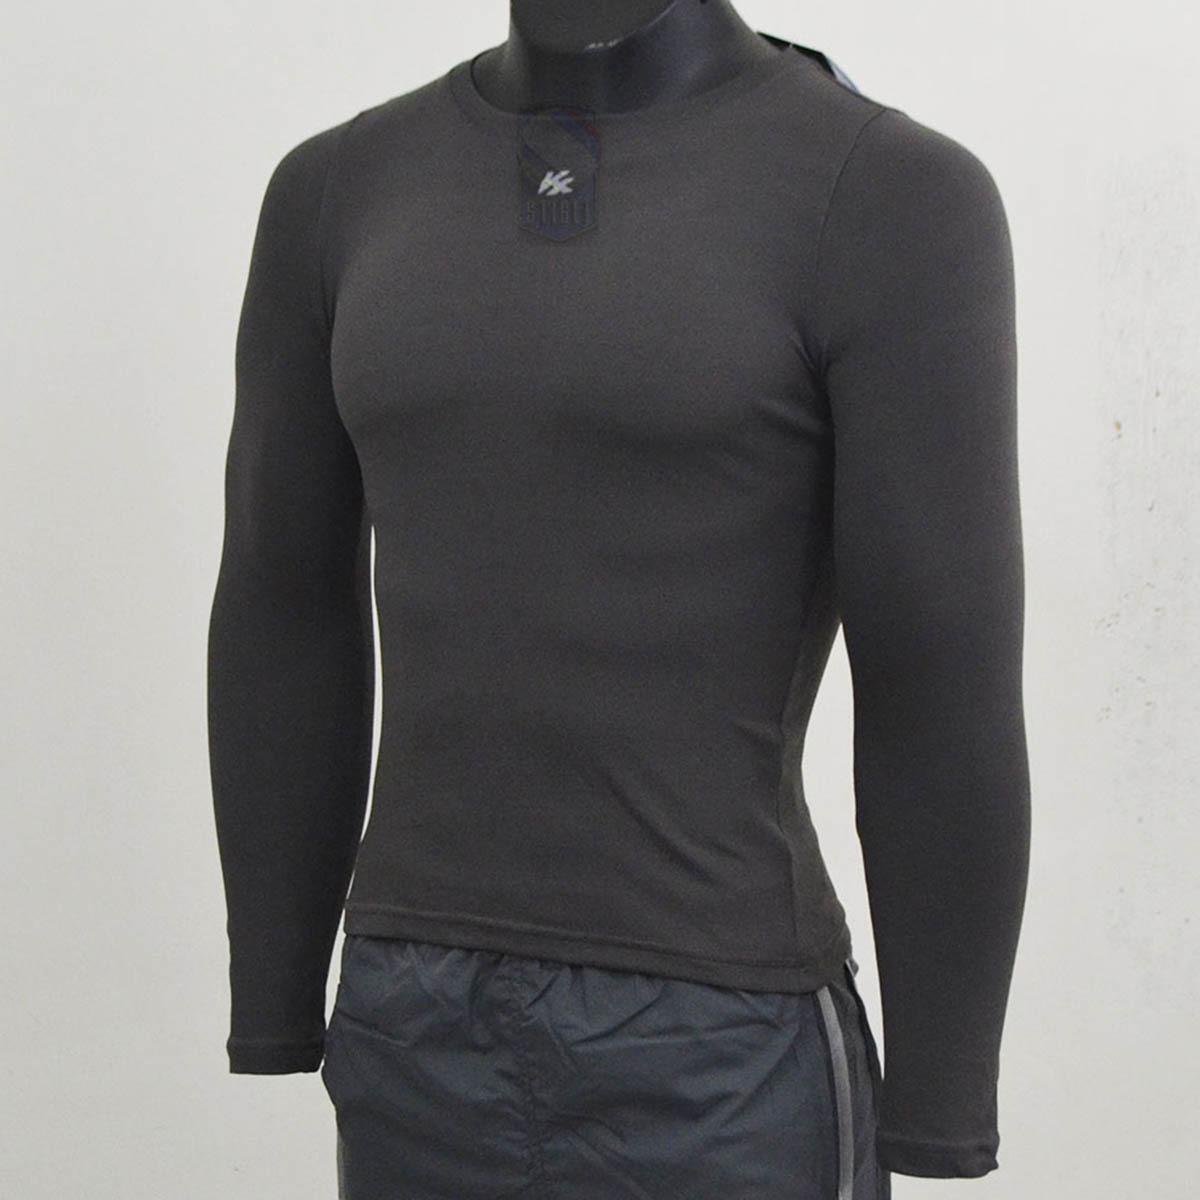 camisa térmica segunda pele kanxa manga longa poliamida c nf. Carregando  zoom. 21333a7365f5d